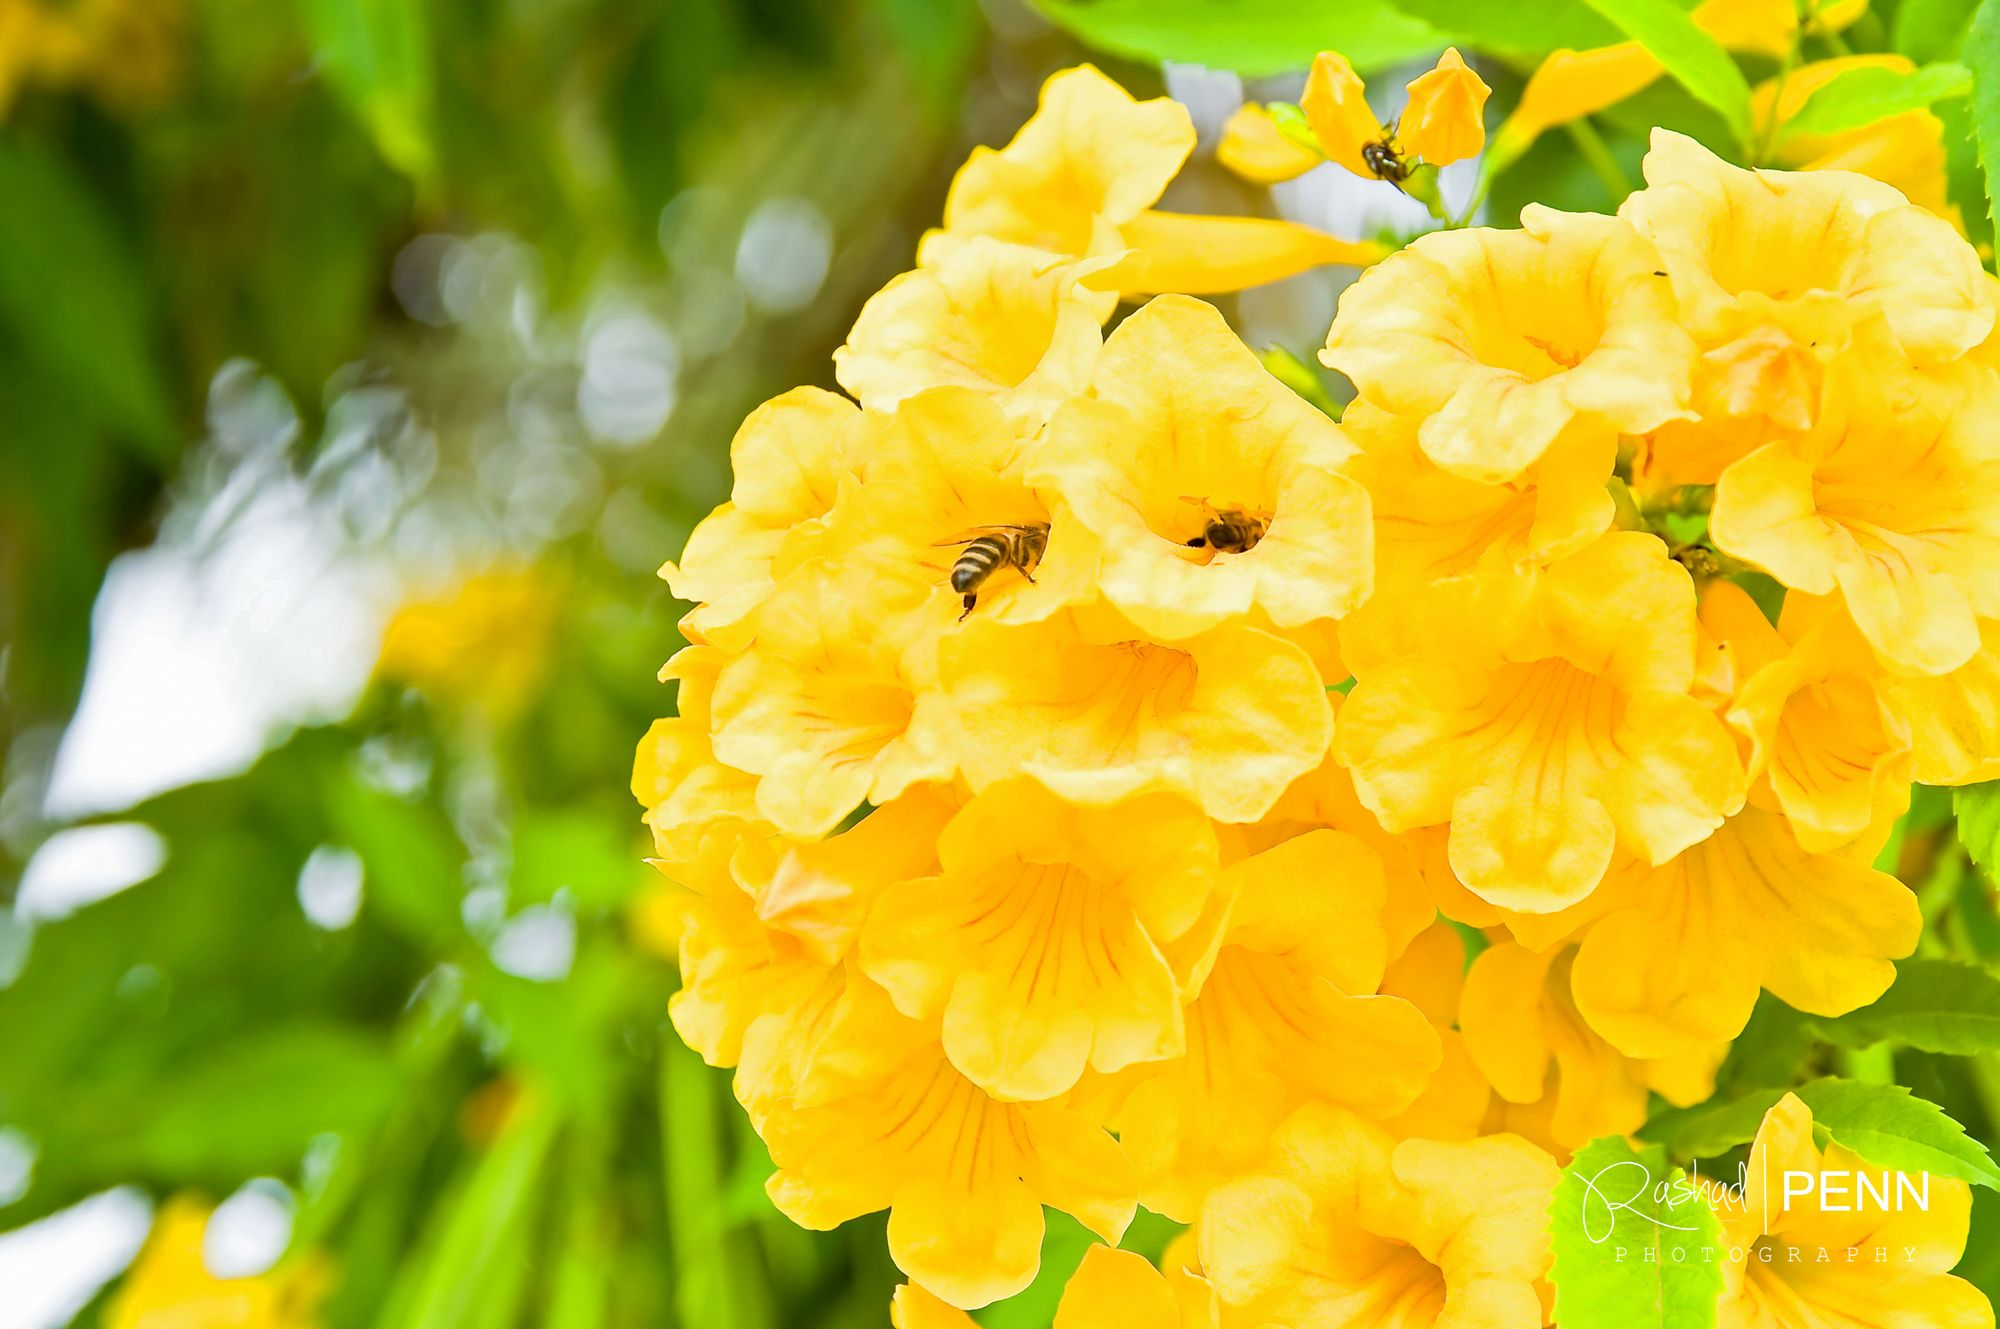 The Yellow Elder Flower National Flower Of The Bahamas